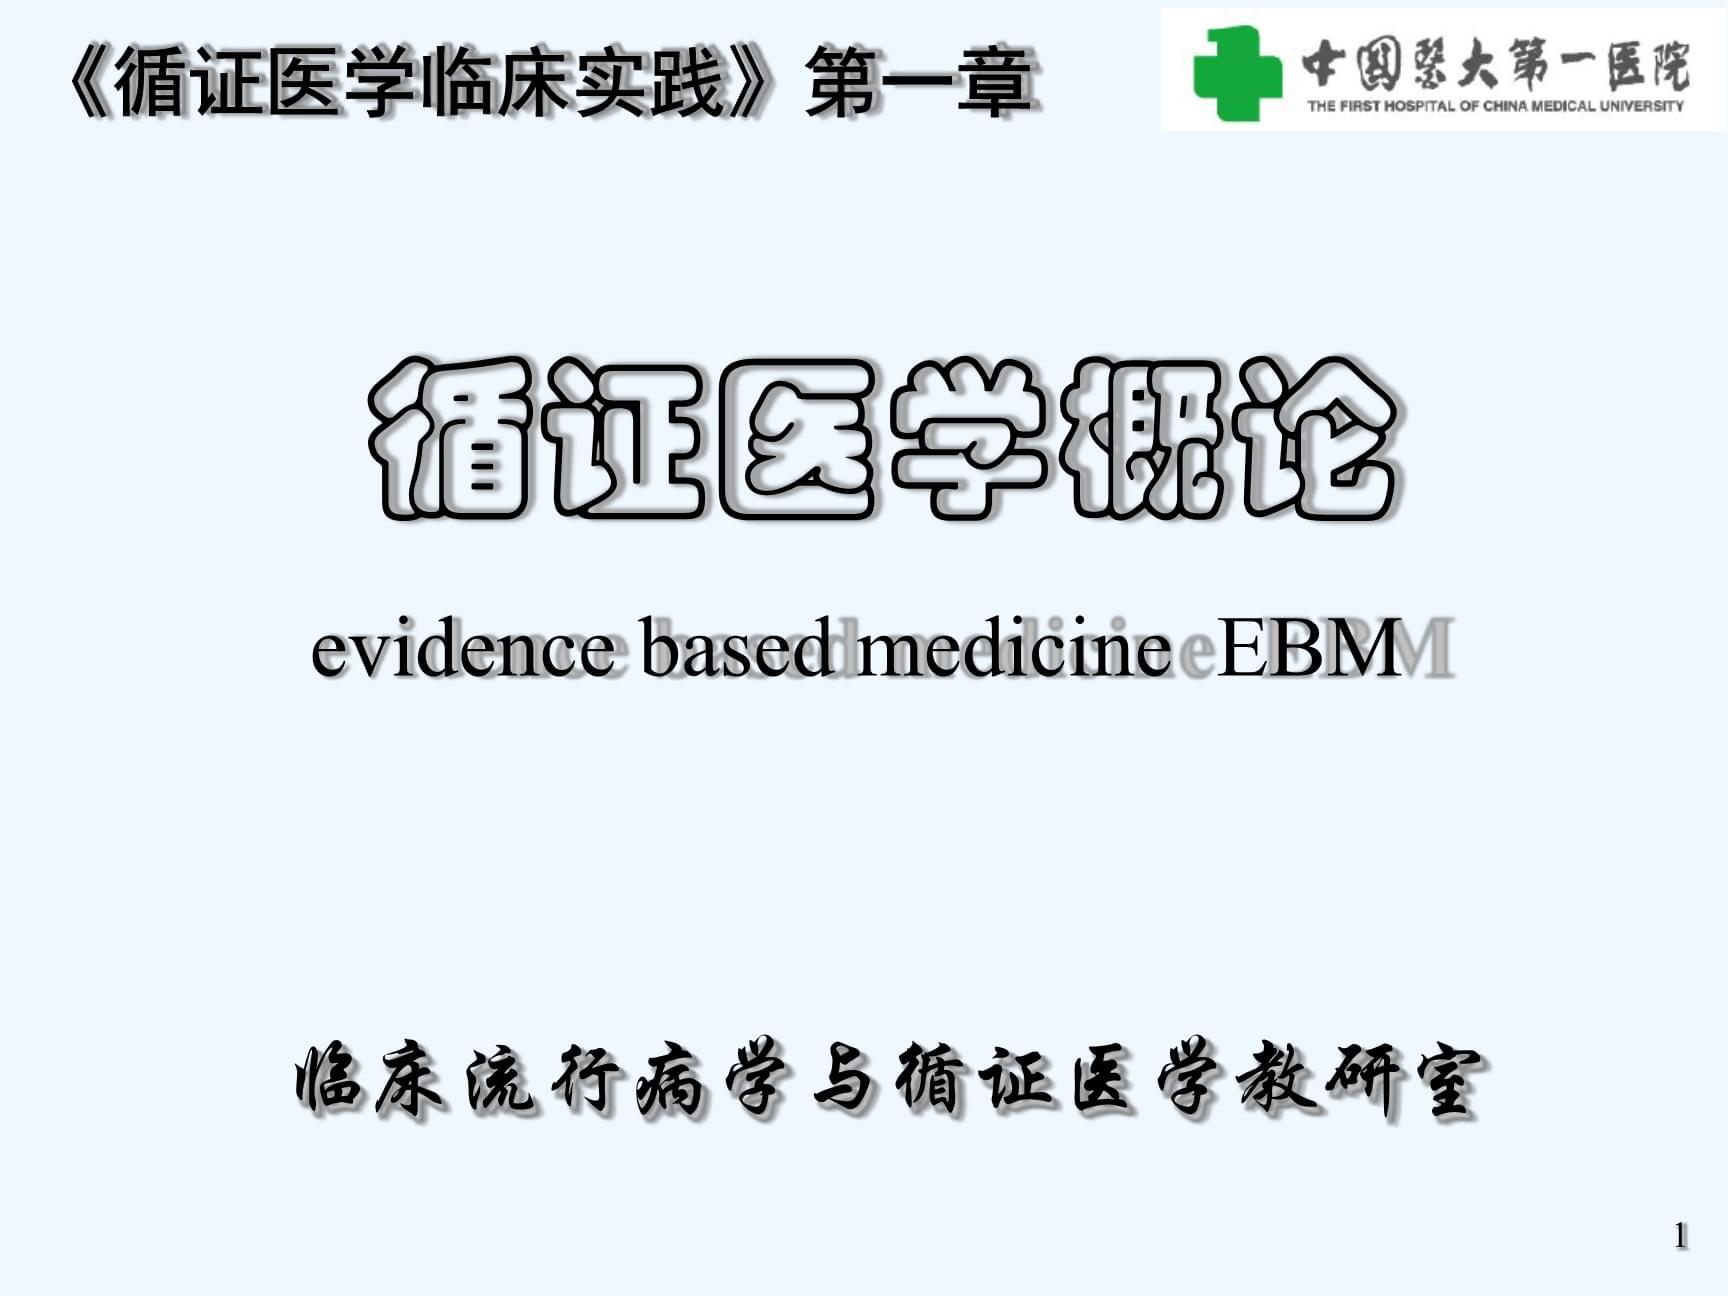 循证医学实践的自我评价-中国医科大学.ppt